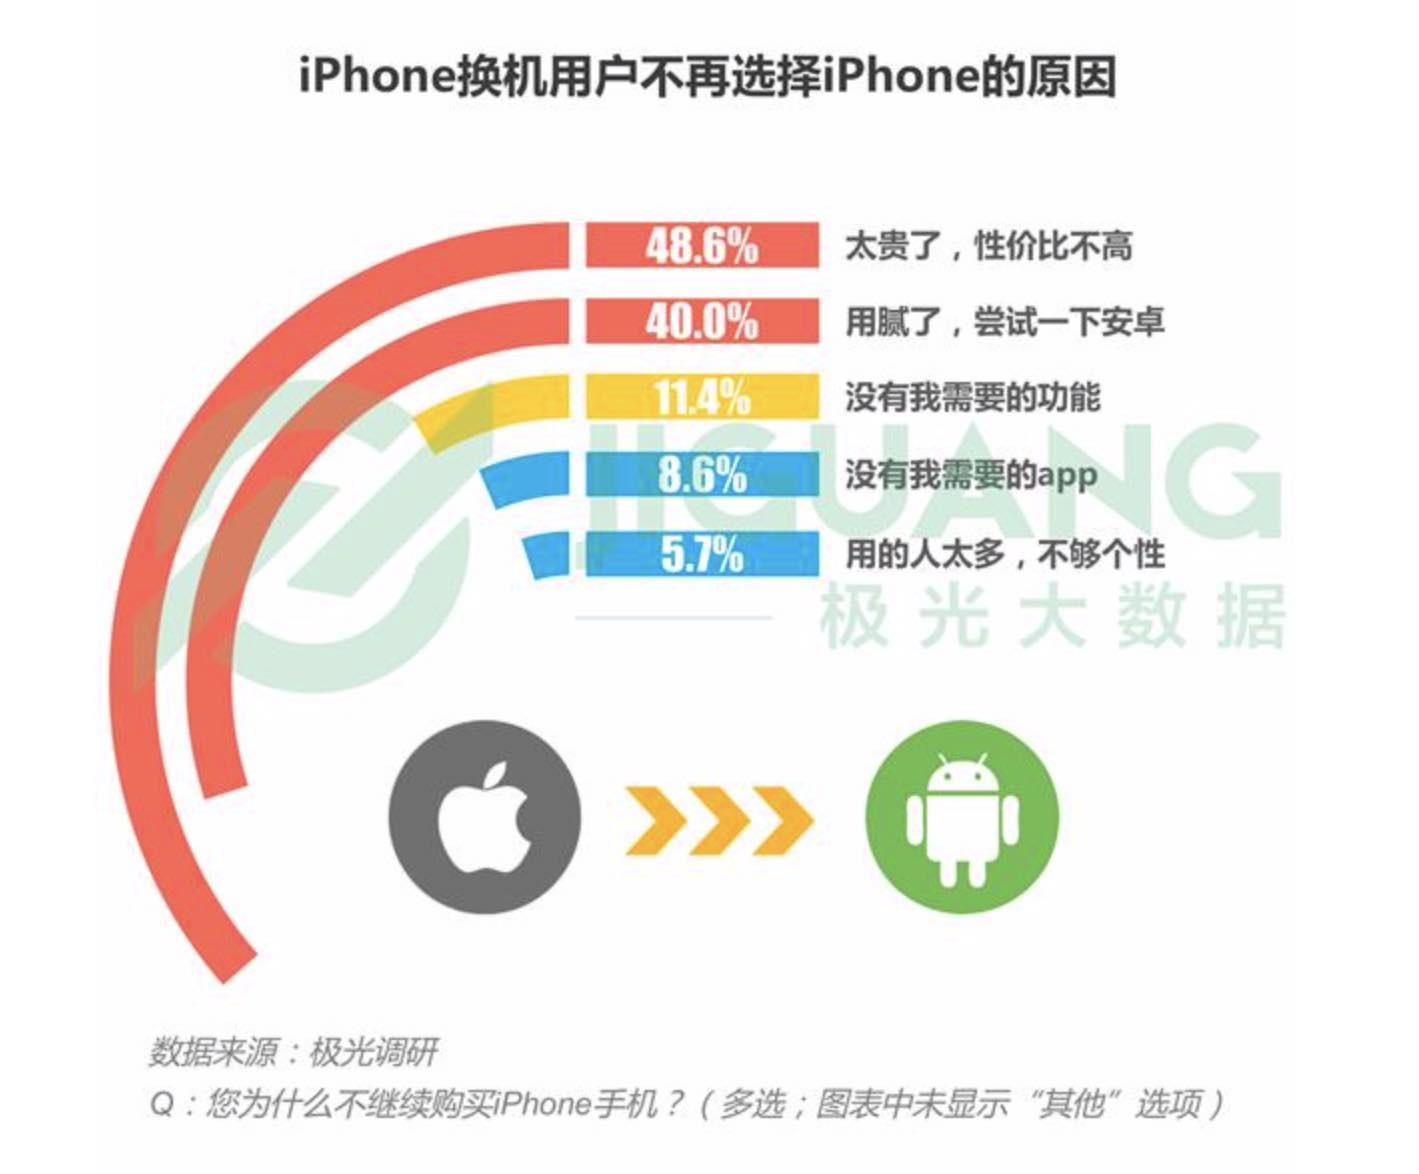 Китайські користувачі iPhone масово переходять на Android